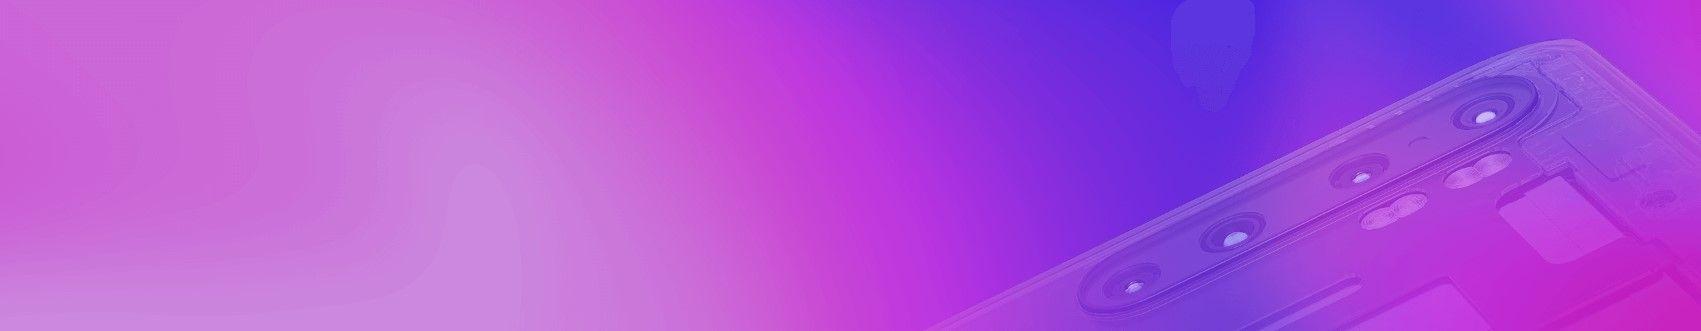 Xiaomi Mi Note 10 Lite обзор камеры